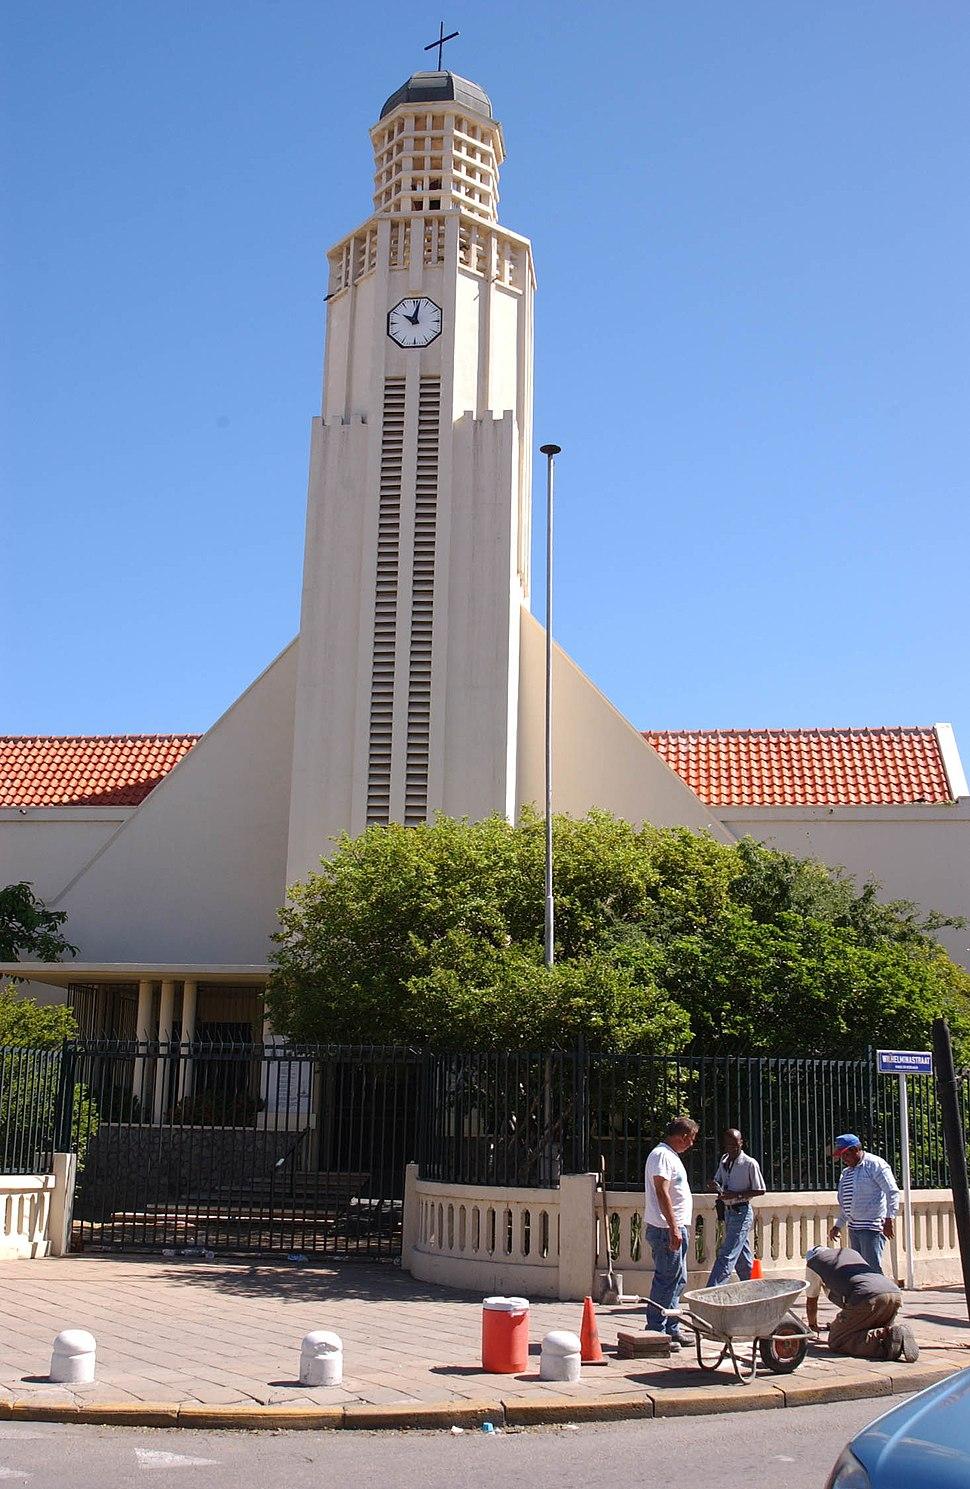 ORANJESTAD NEW PROTESTANT CHURCH